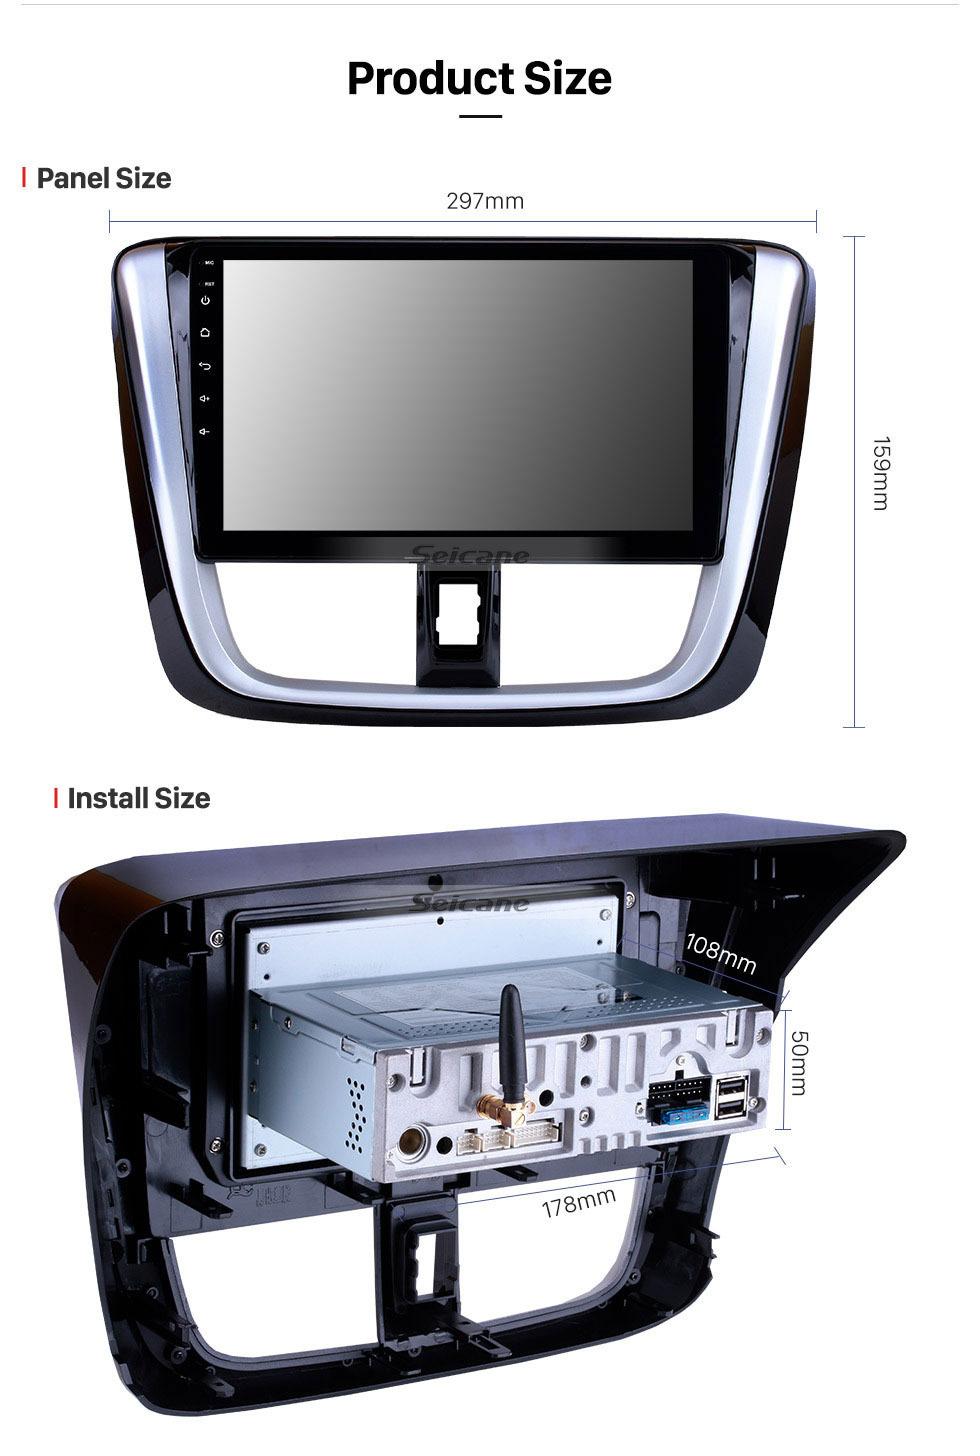 Seicane 10,1 pouces HD Radio tactile Stéréo Système de navigation GPS automatique Android 9.0 Pour 2014 2015 2016 2017 TOYOTA VIOS Soutien Bluetooth OBD II DVR 3G / 4G WIFI Caméra de recul